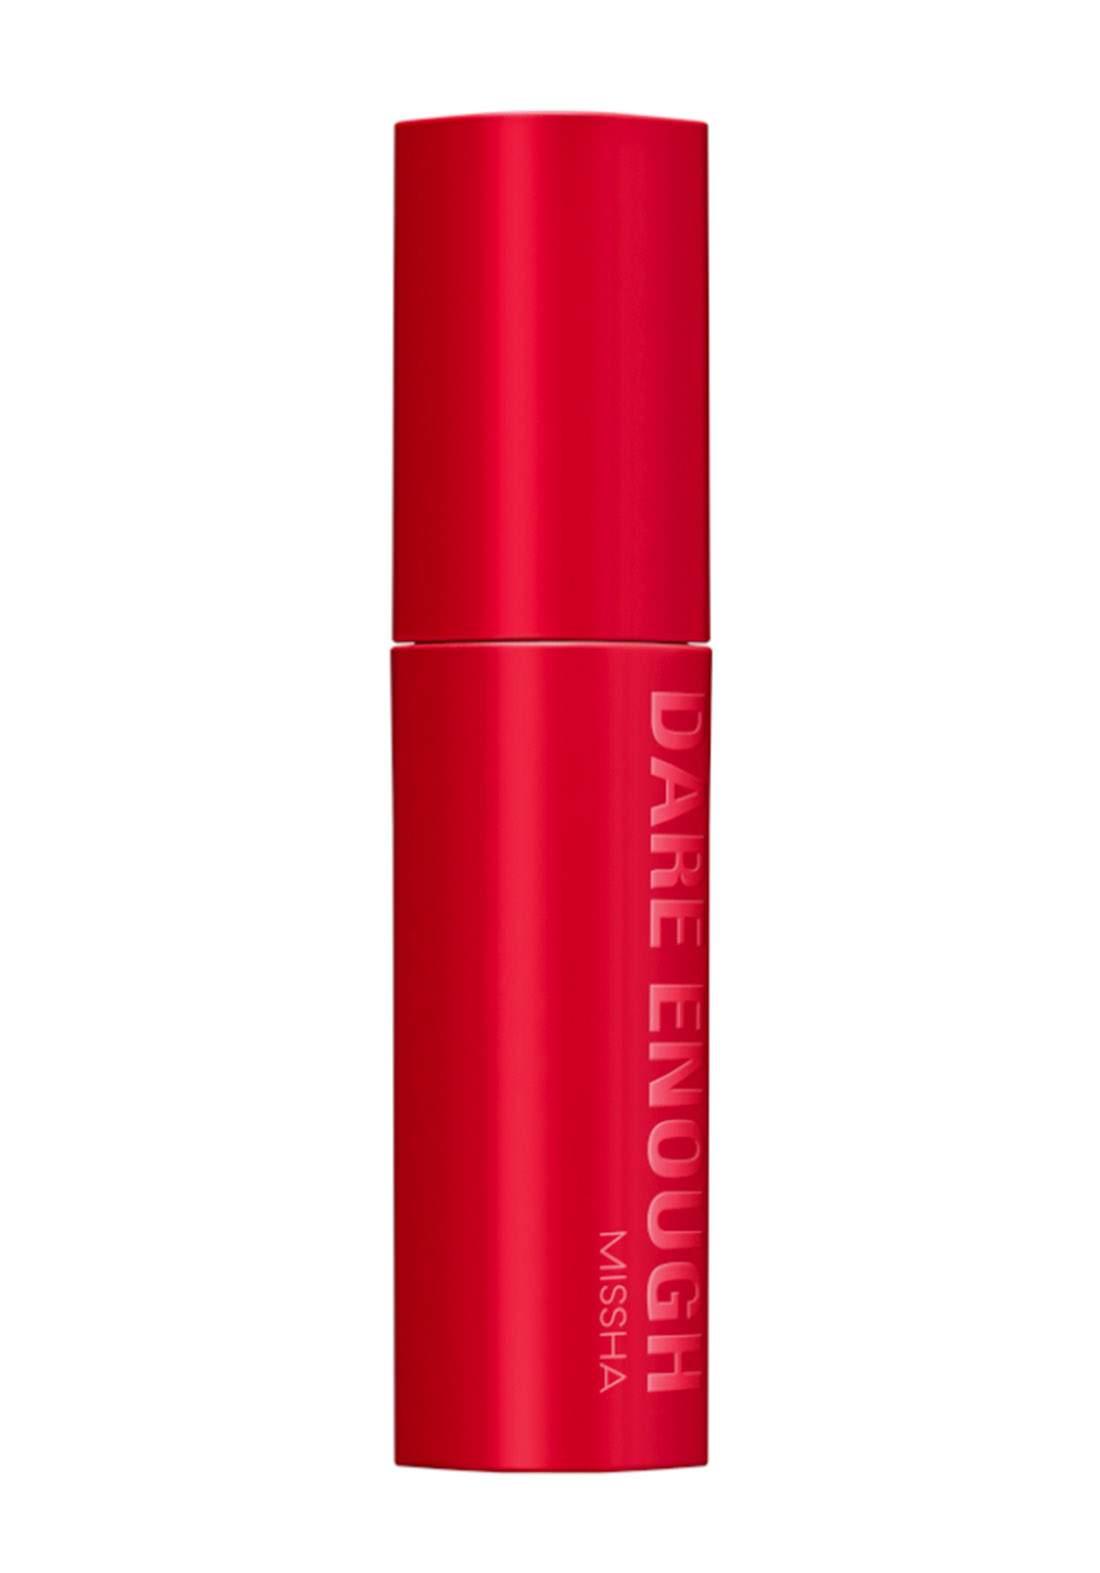 Missha Dare Lip Tint Moist Velvet 4.4g  تنت للشفاه